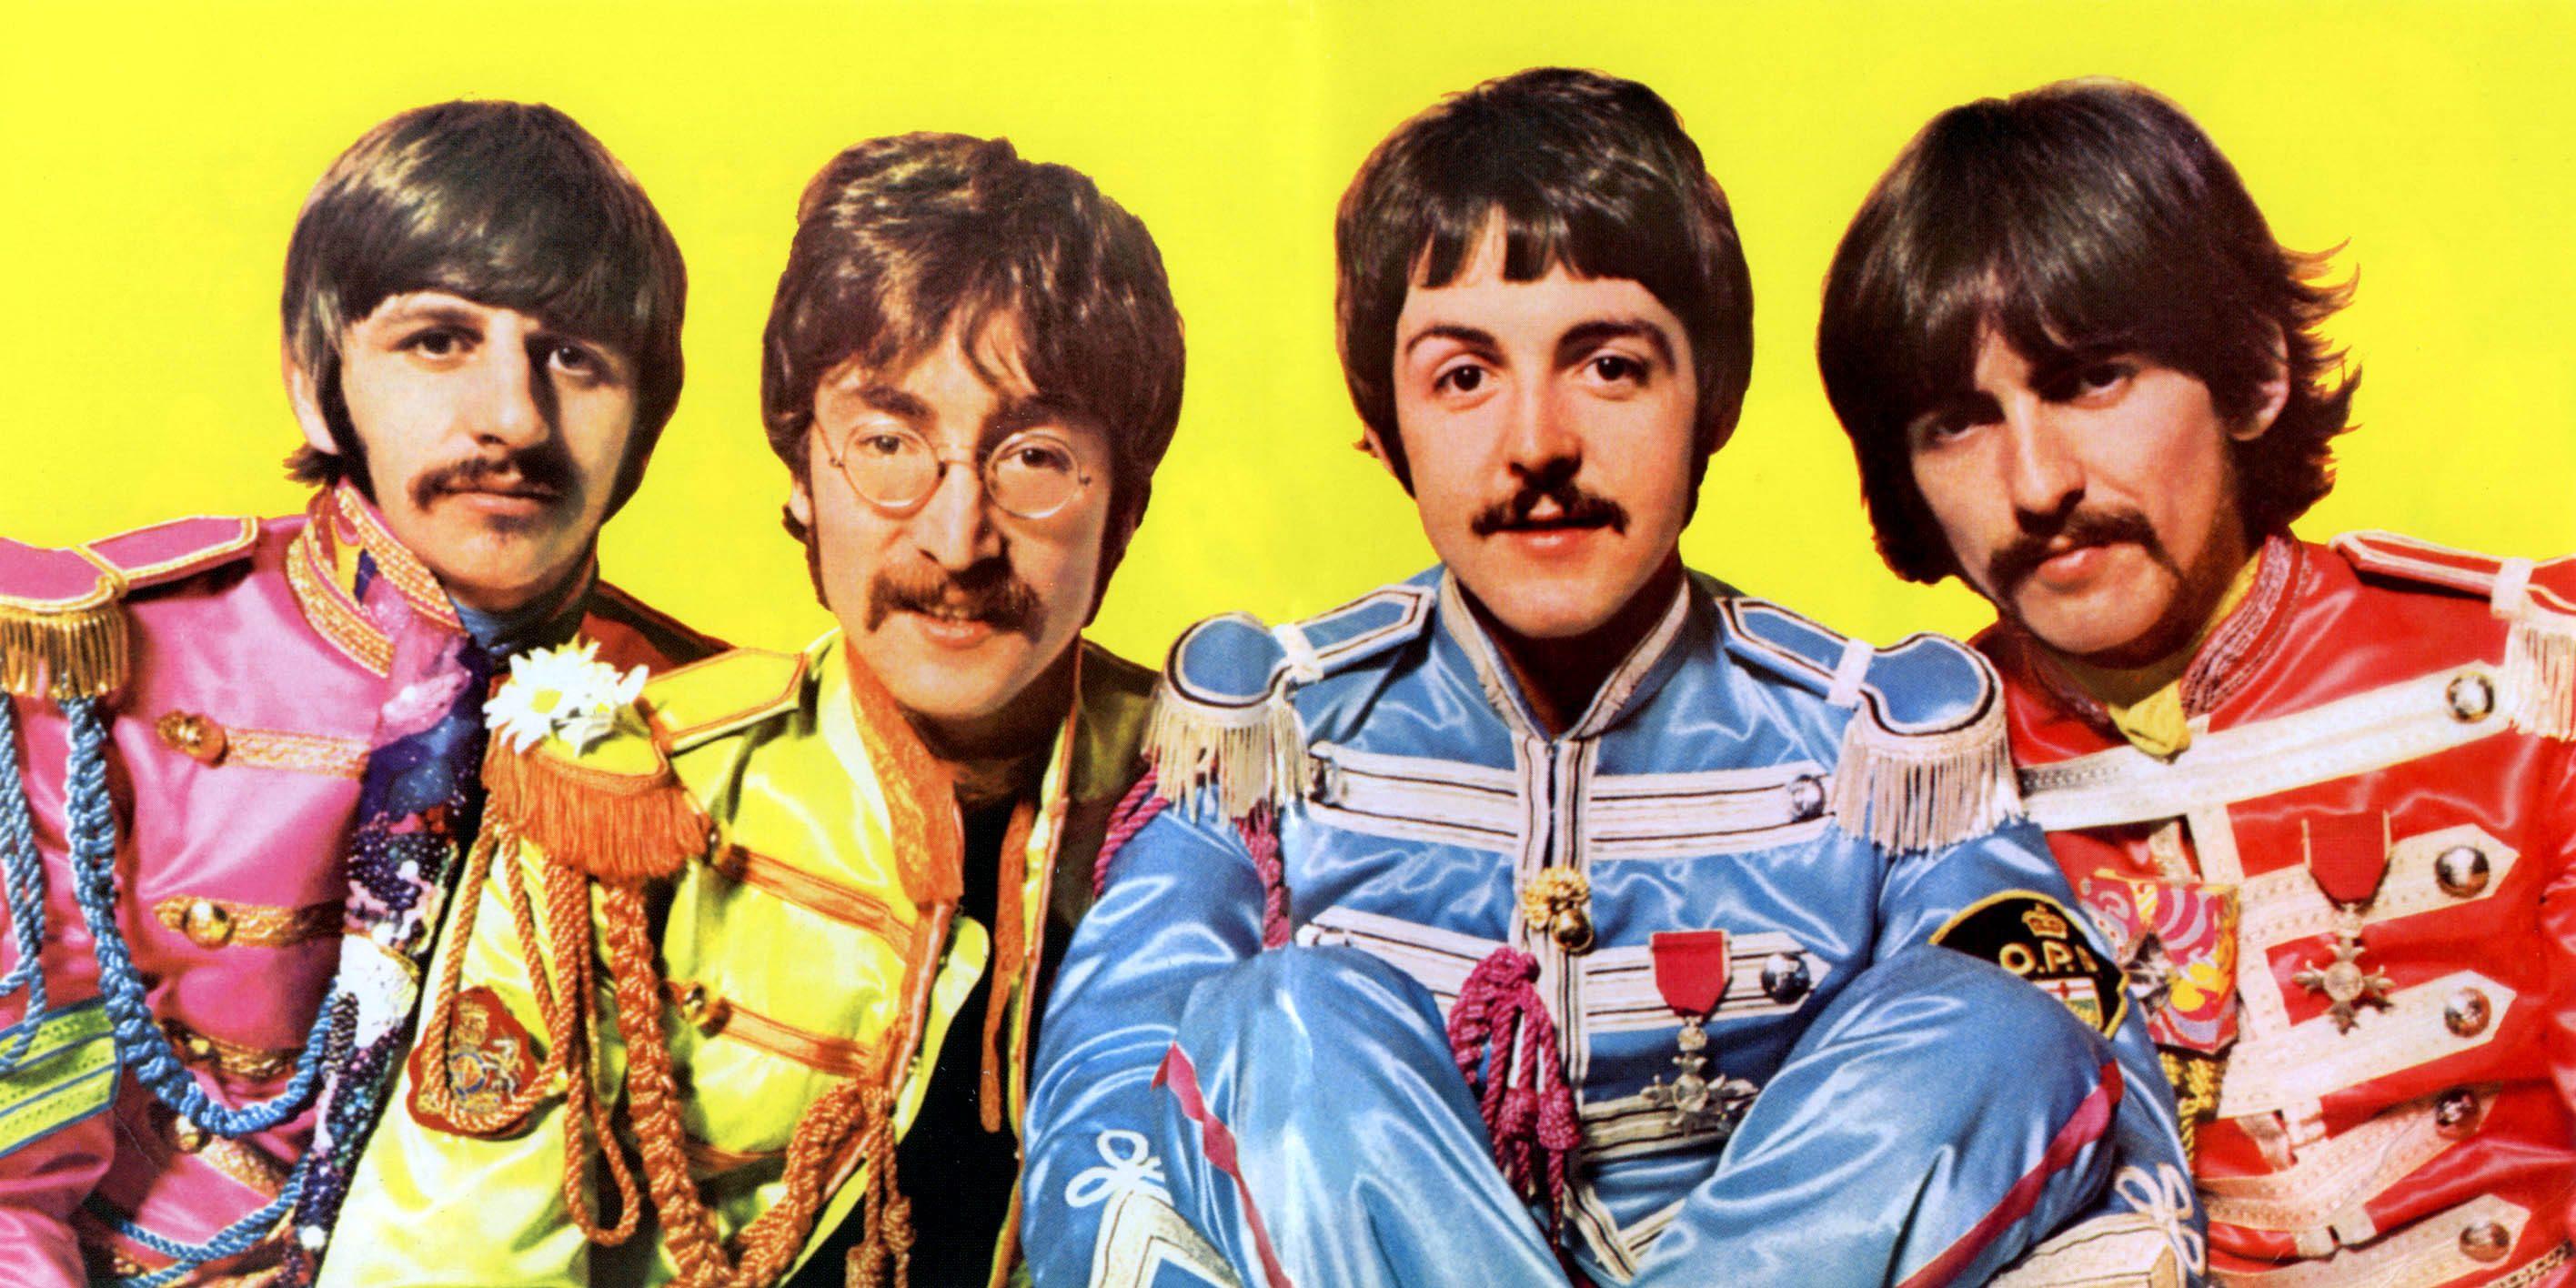 Resultado de imagen para Sgt. Peppers